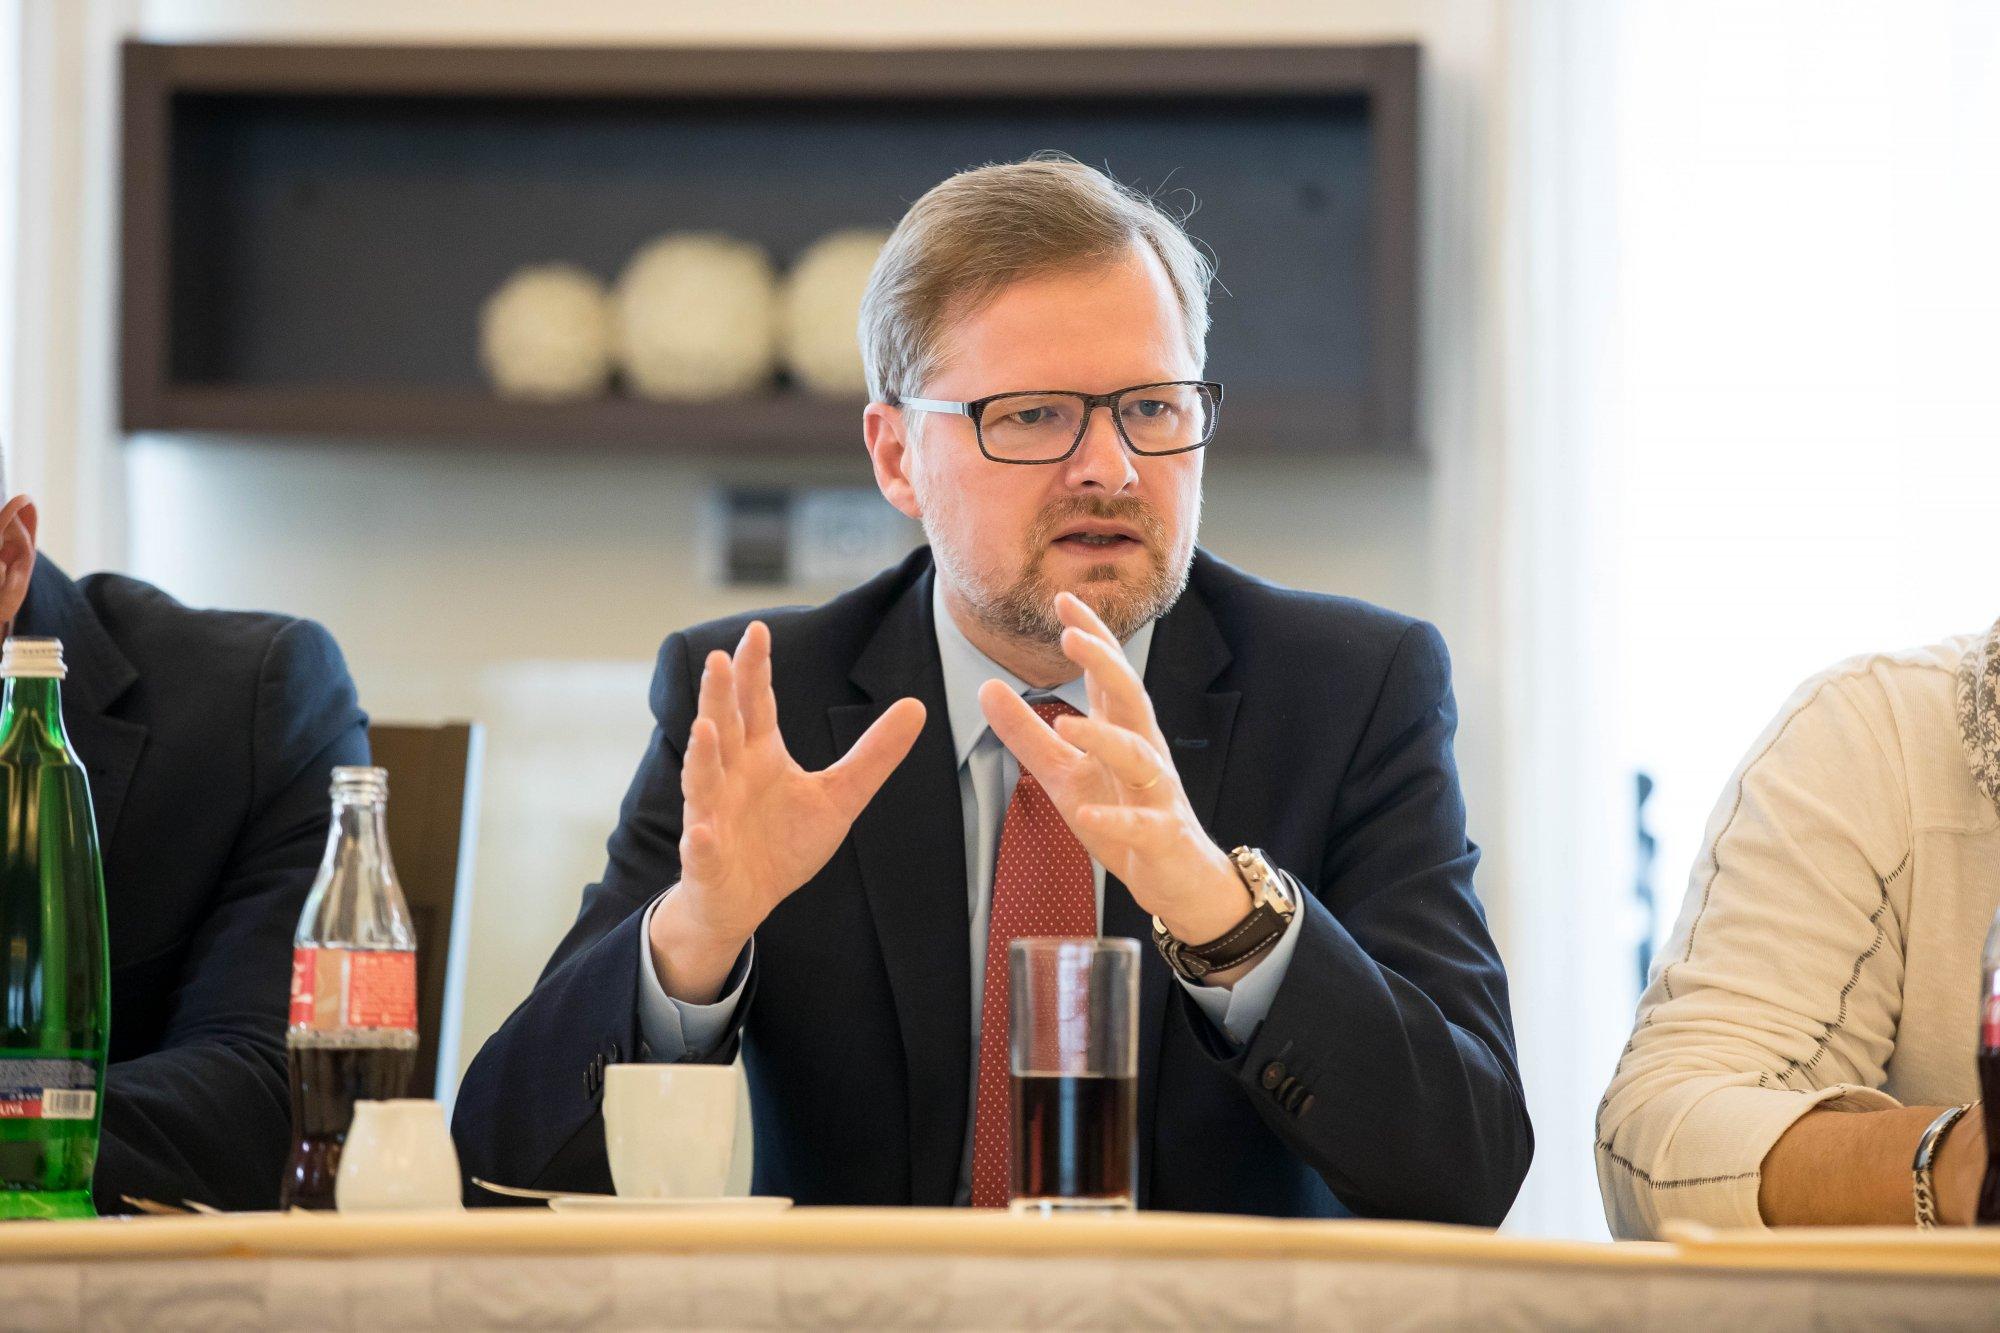 Petr Fiala: Komentář ke vzniku polokomunistické vlády